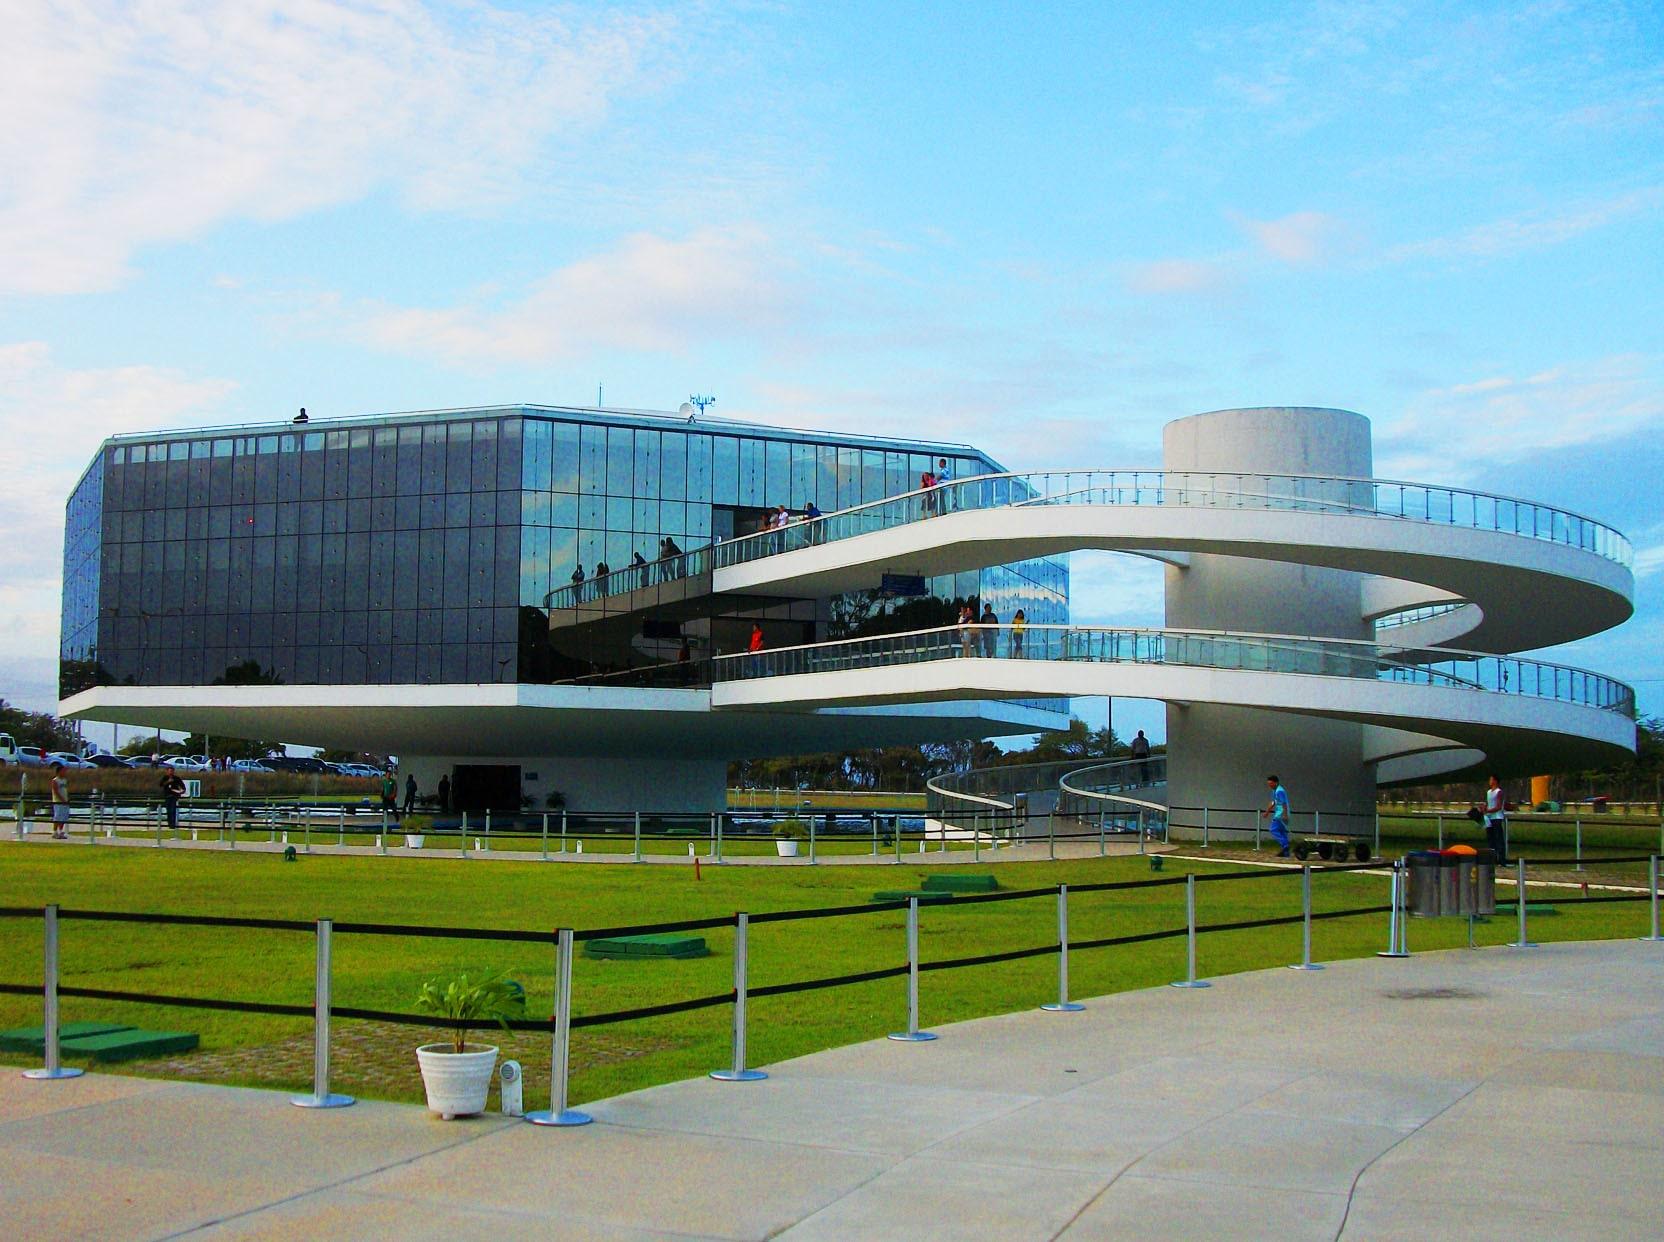 اسکار نیمایر معمار ایستگاه کابو برانکو - استوارسازان